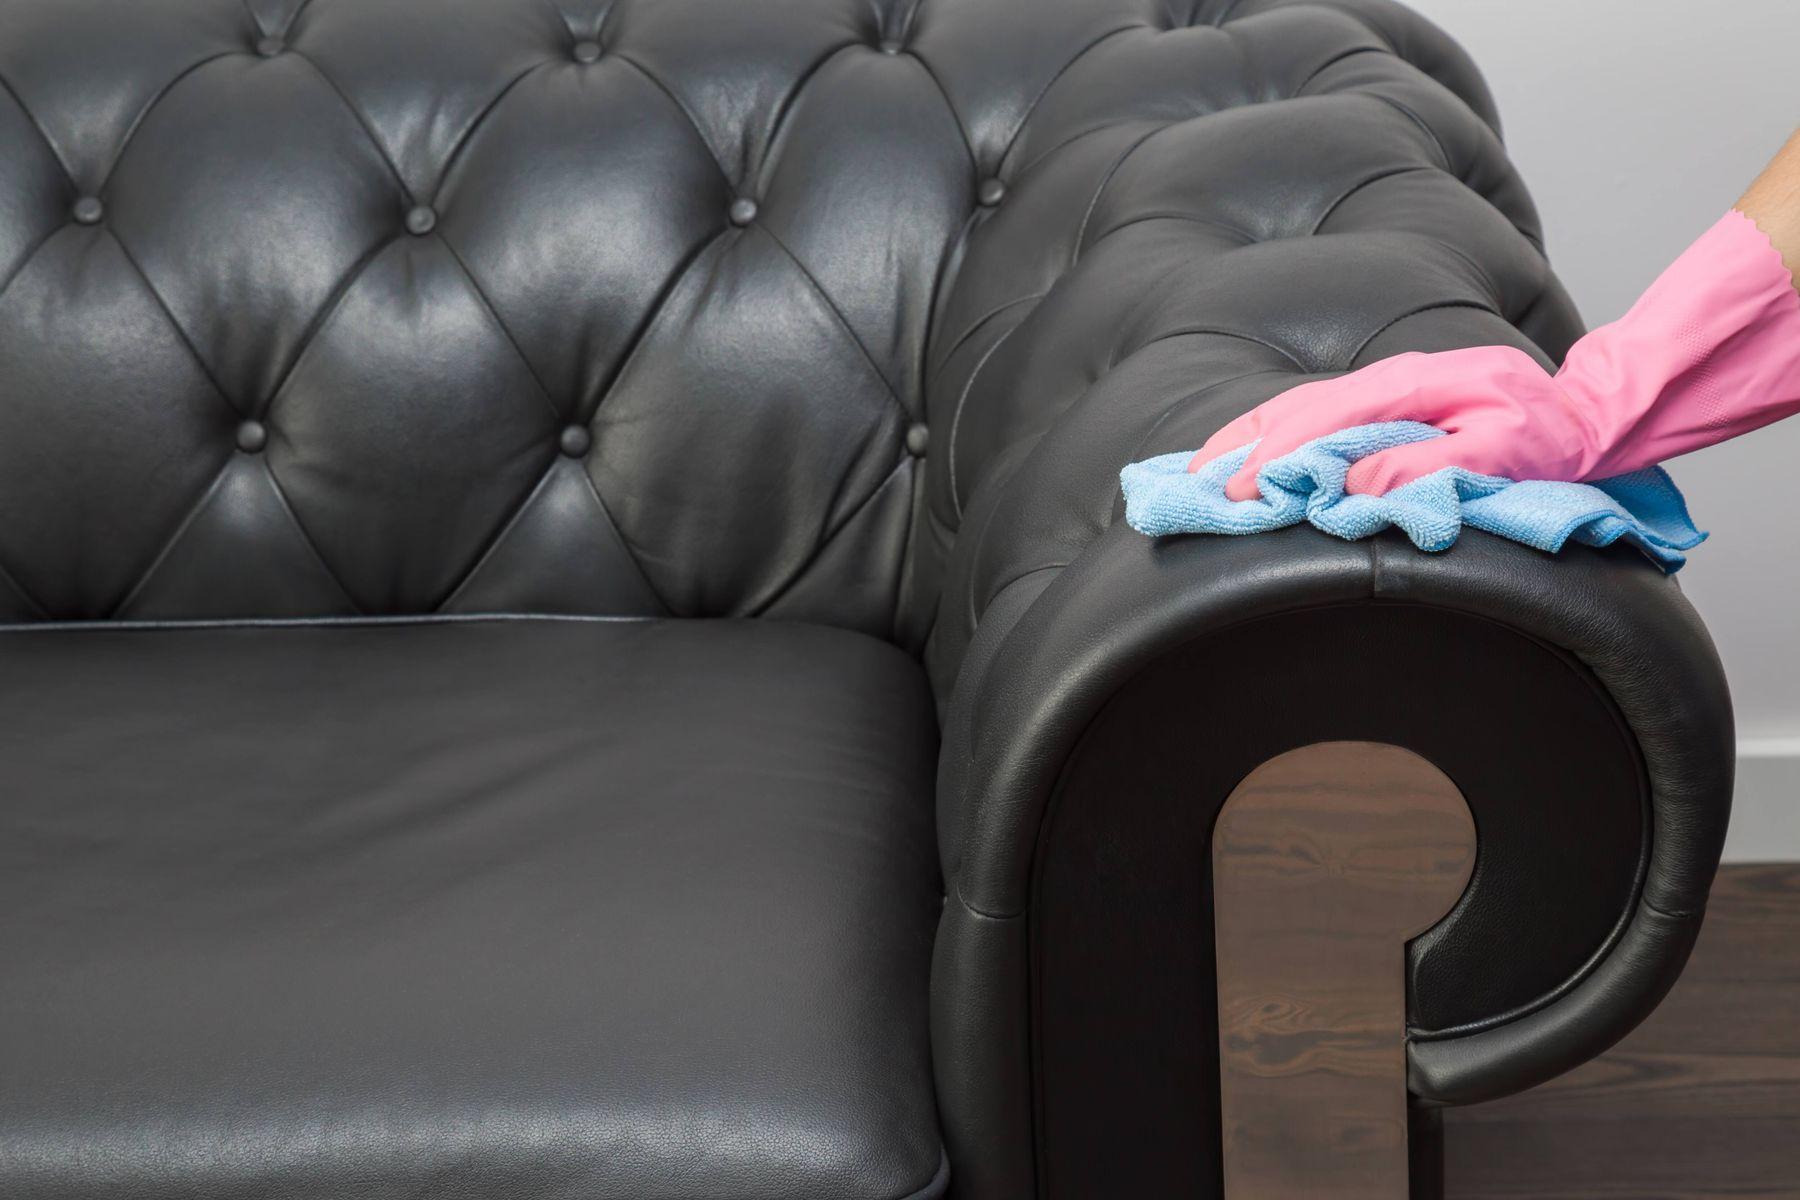 Để giặt ghế sofa da, bạn cần sử dụng các dung dịch làm sạch chuyên dụng để không gây hư hỏng